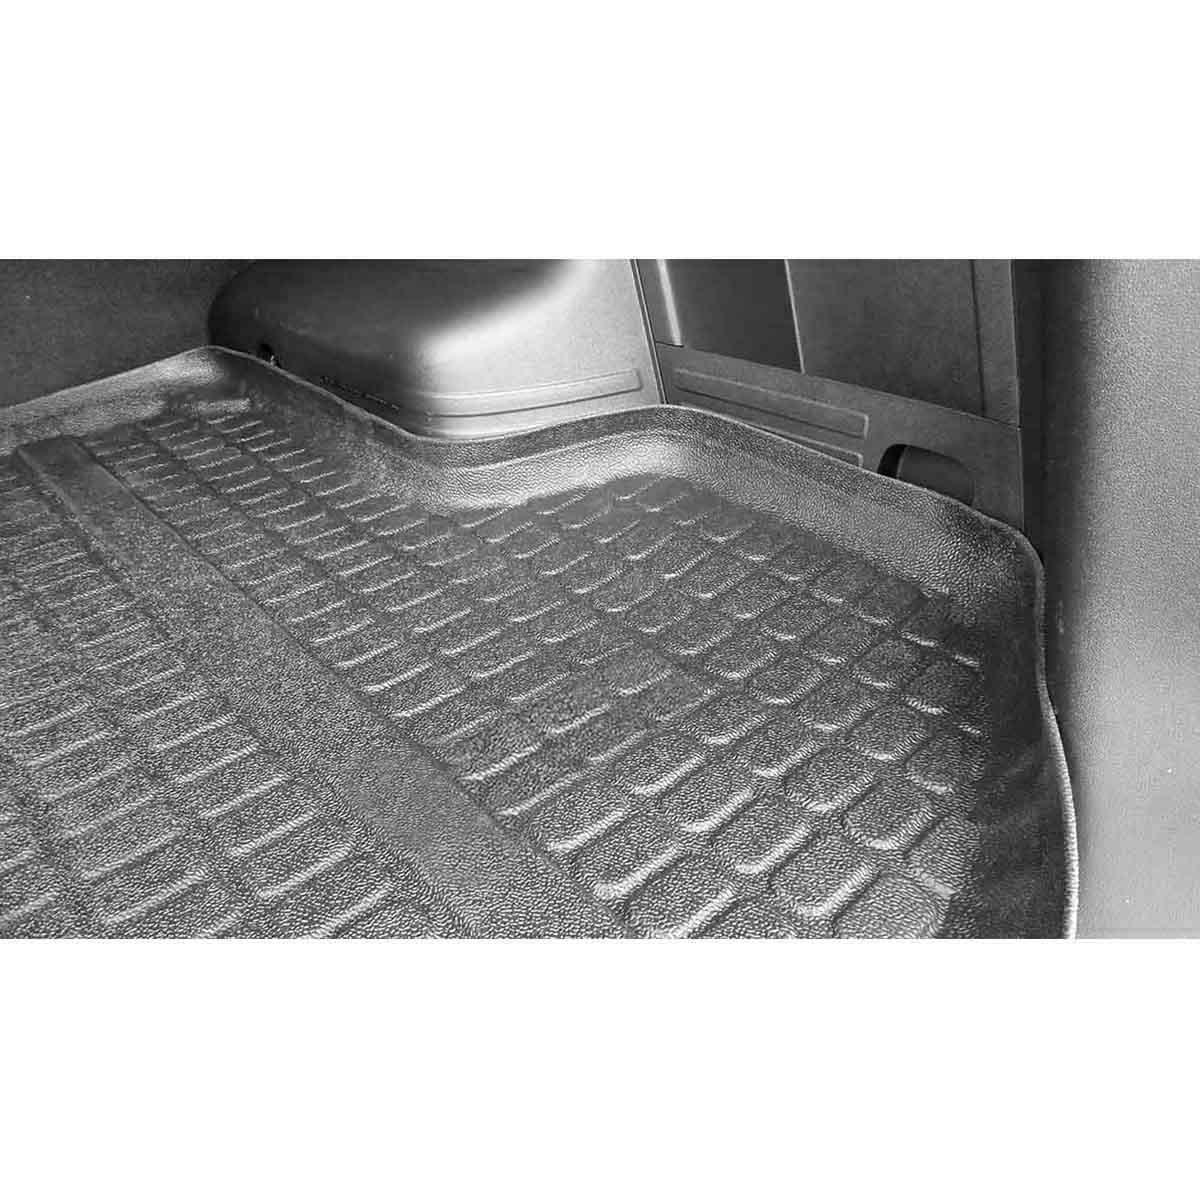 Bandeja tapete porta malas Corolla 2009 a 2014 ou Corolla 2015 a 2017